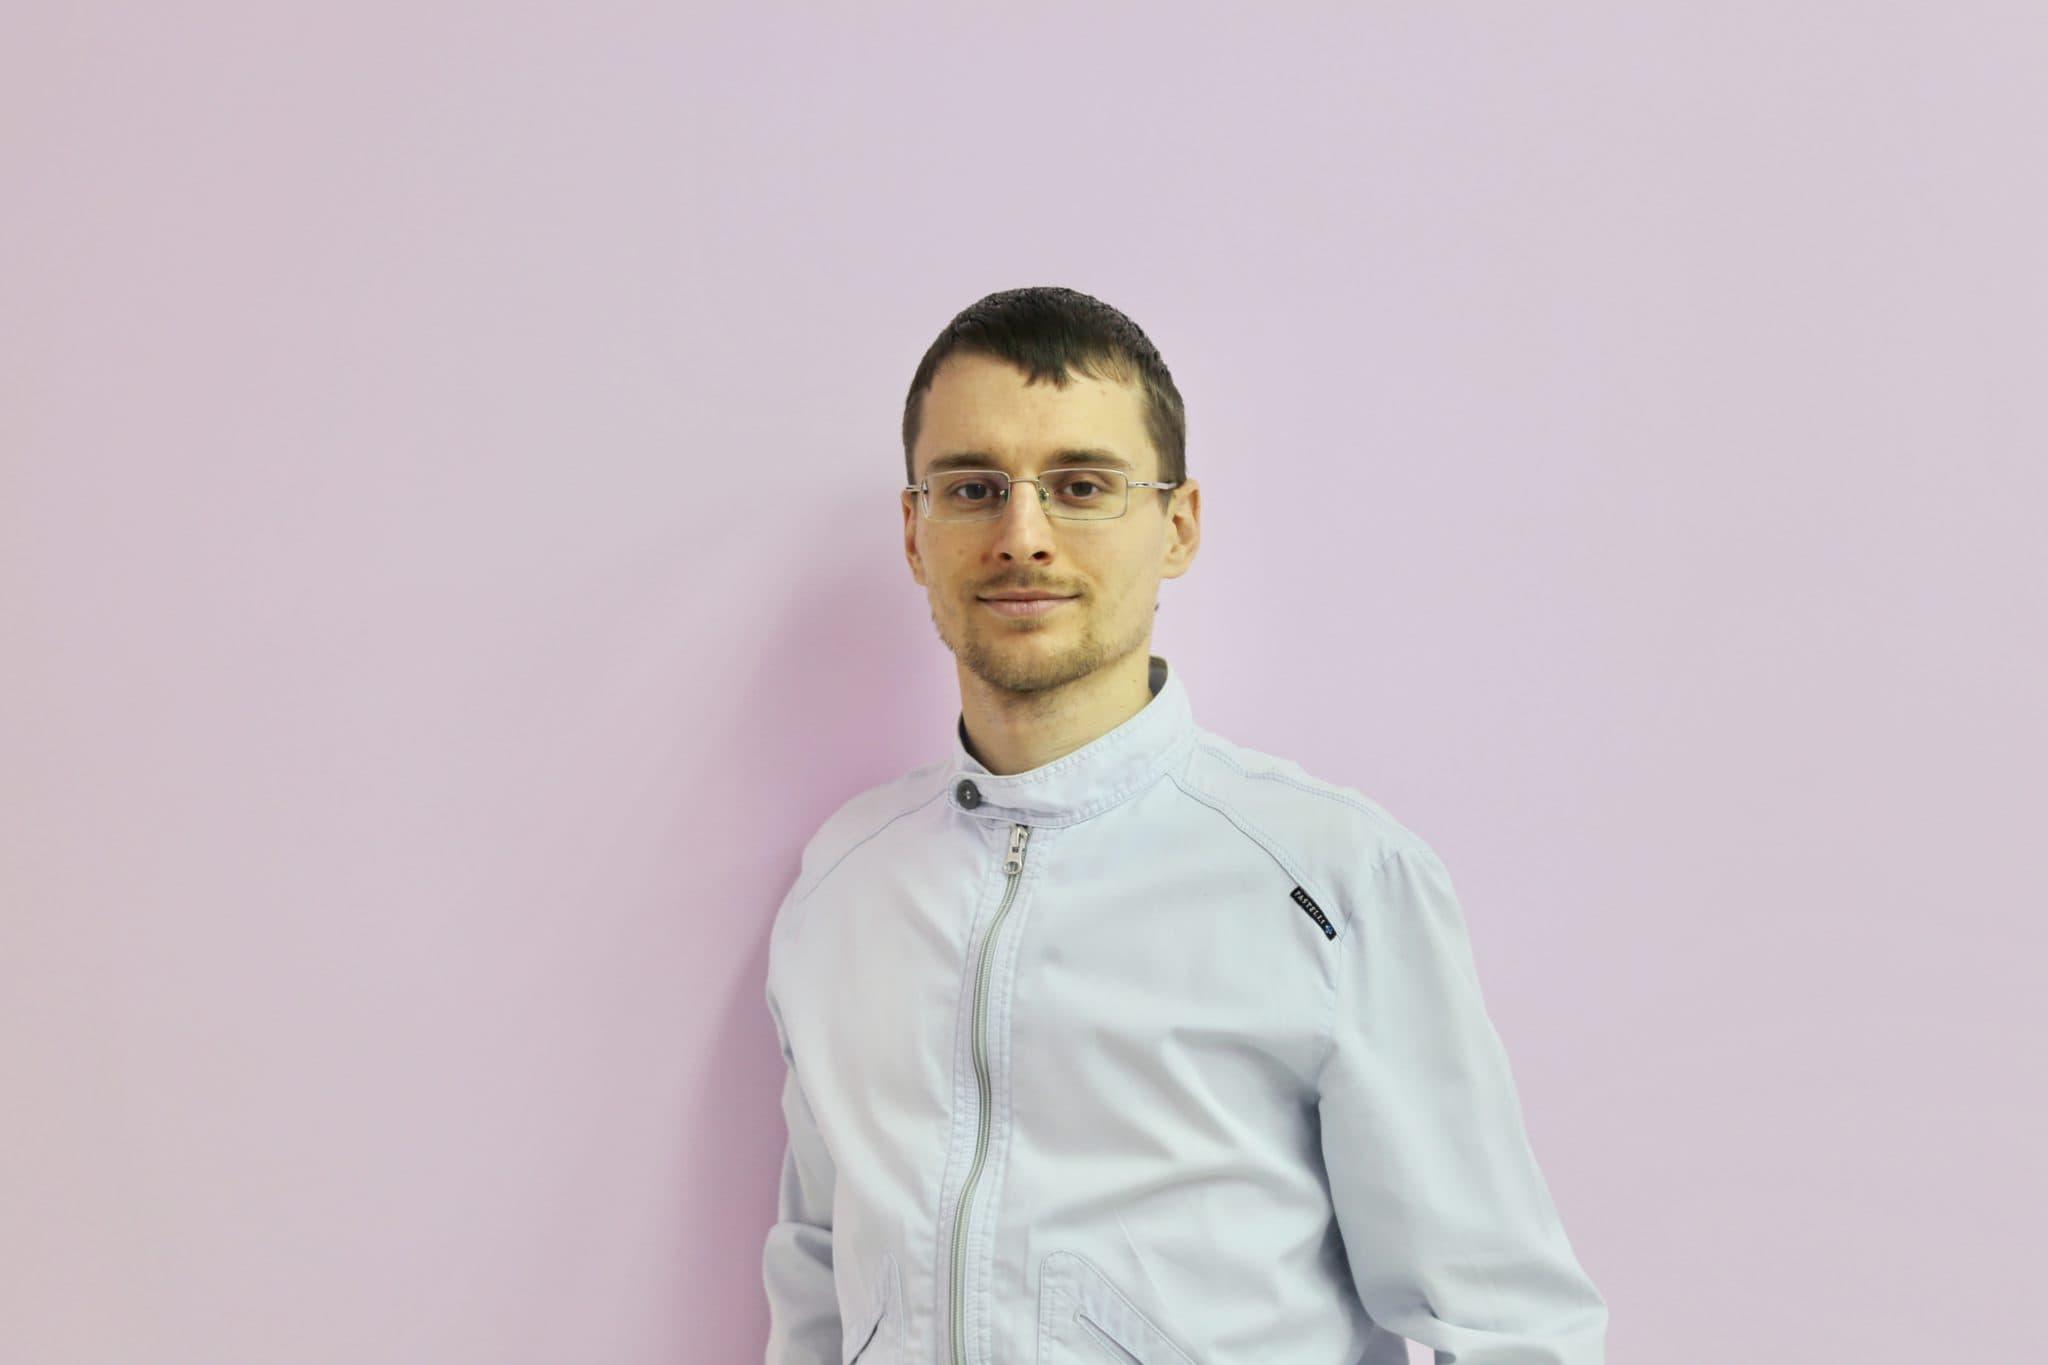 Павлуш Константин Владимирович - установит импланты Alpha Bio, Osstem, Straumann в Спб